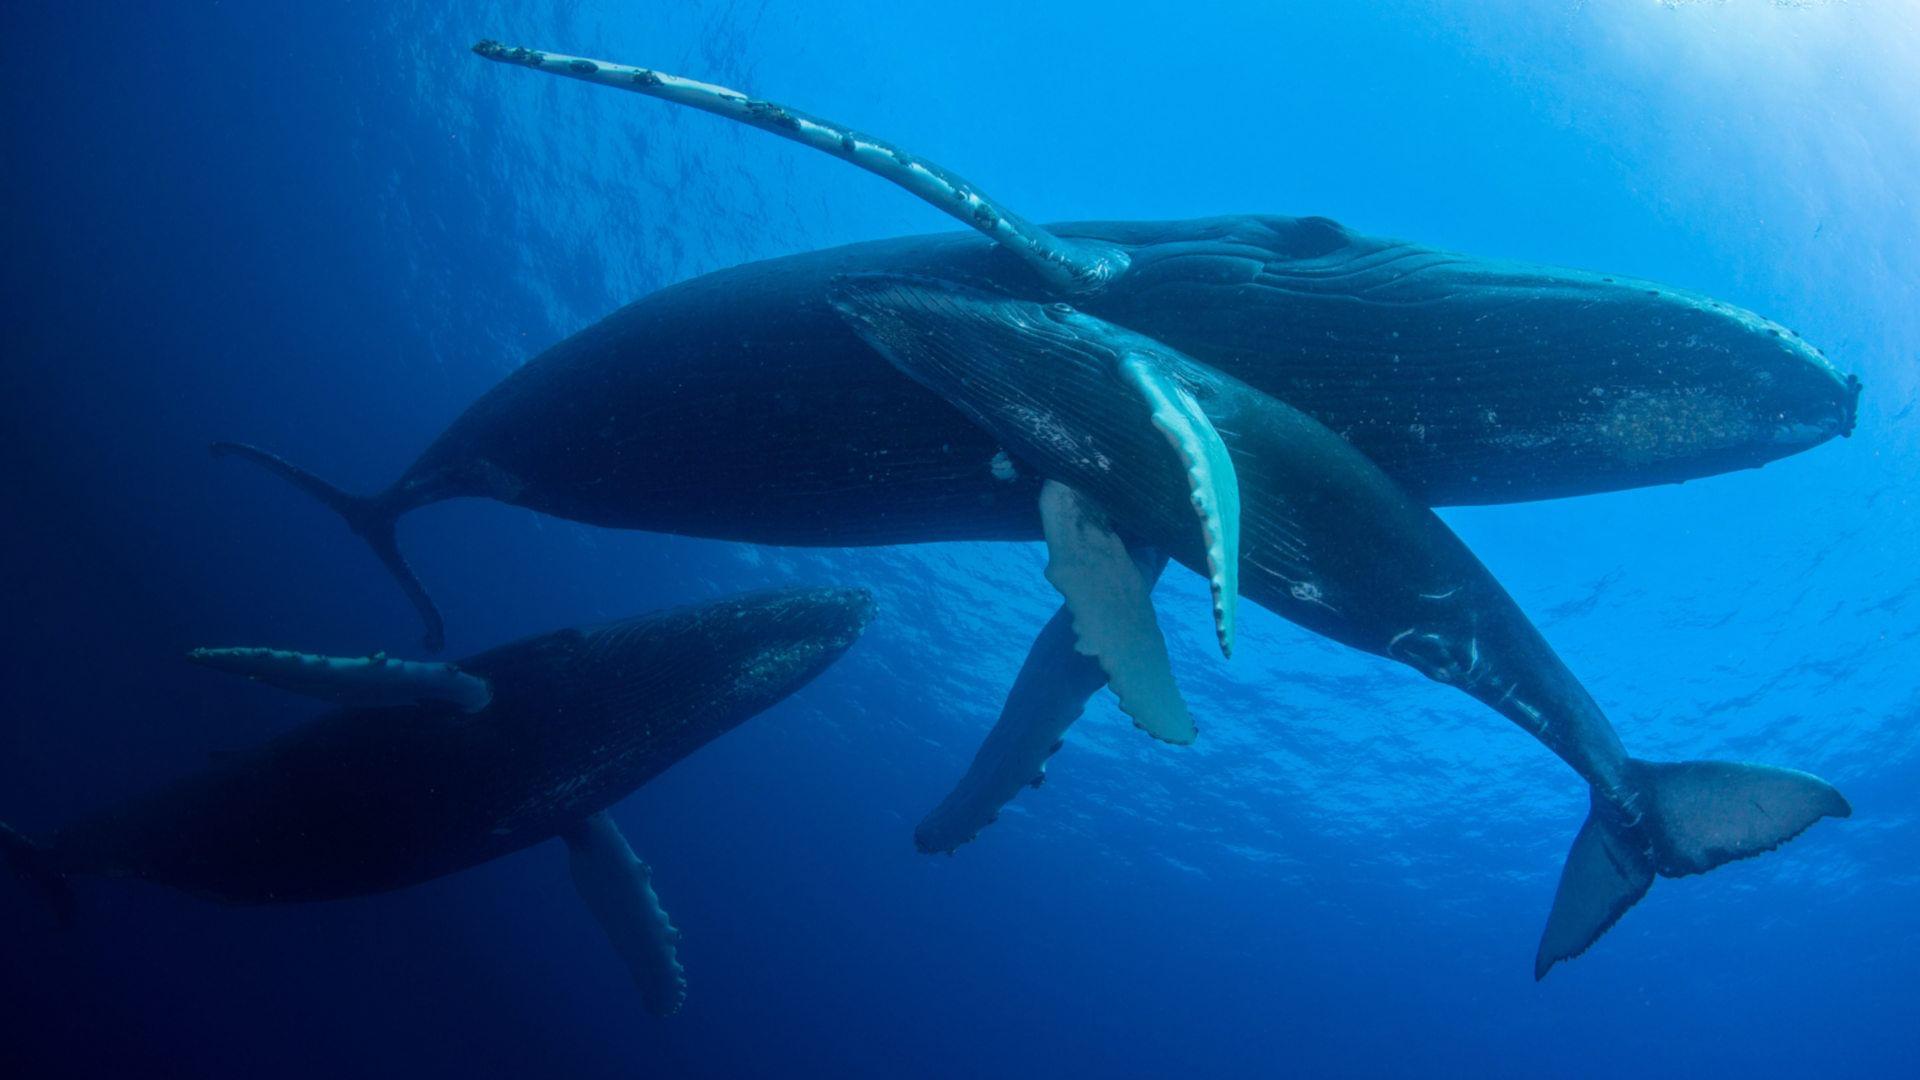 Ozeane in Gefahr